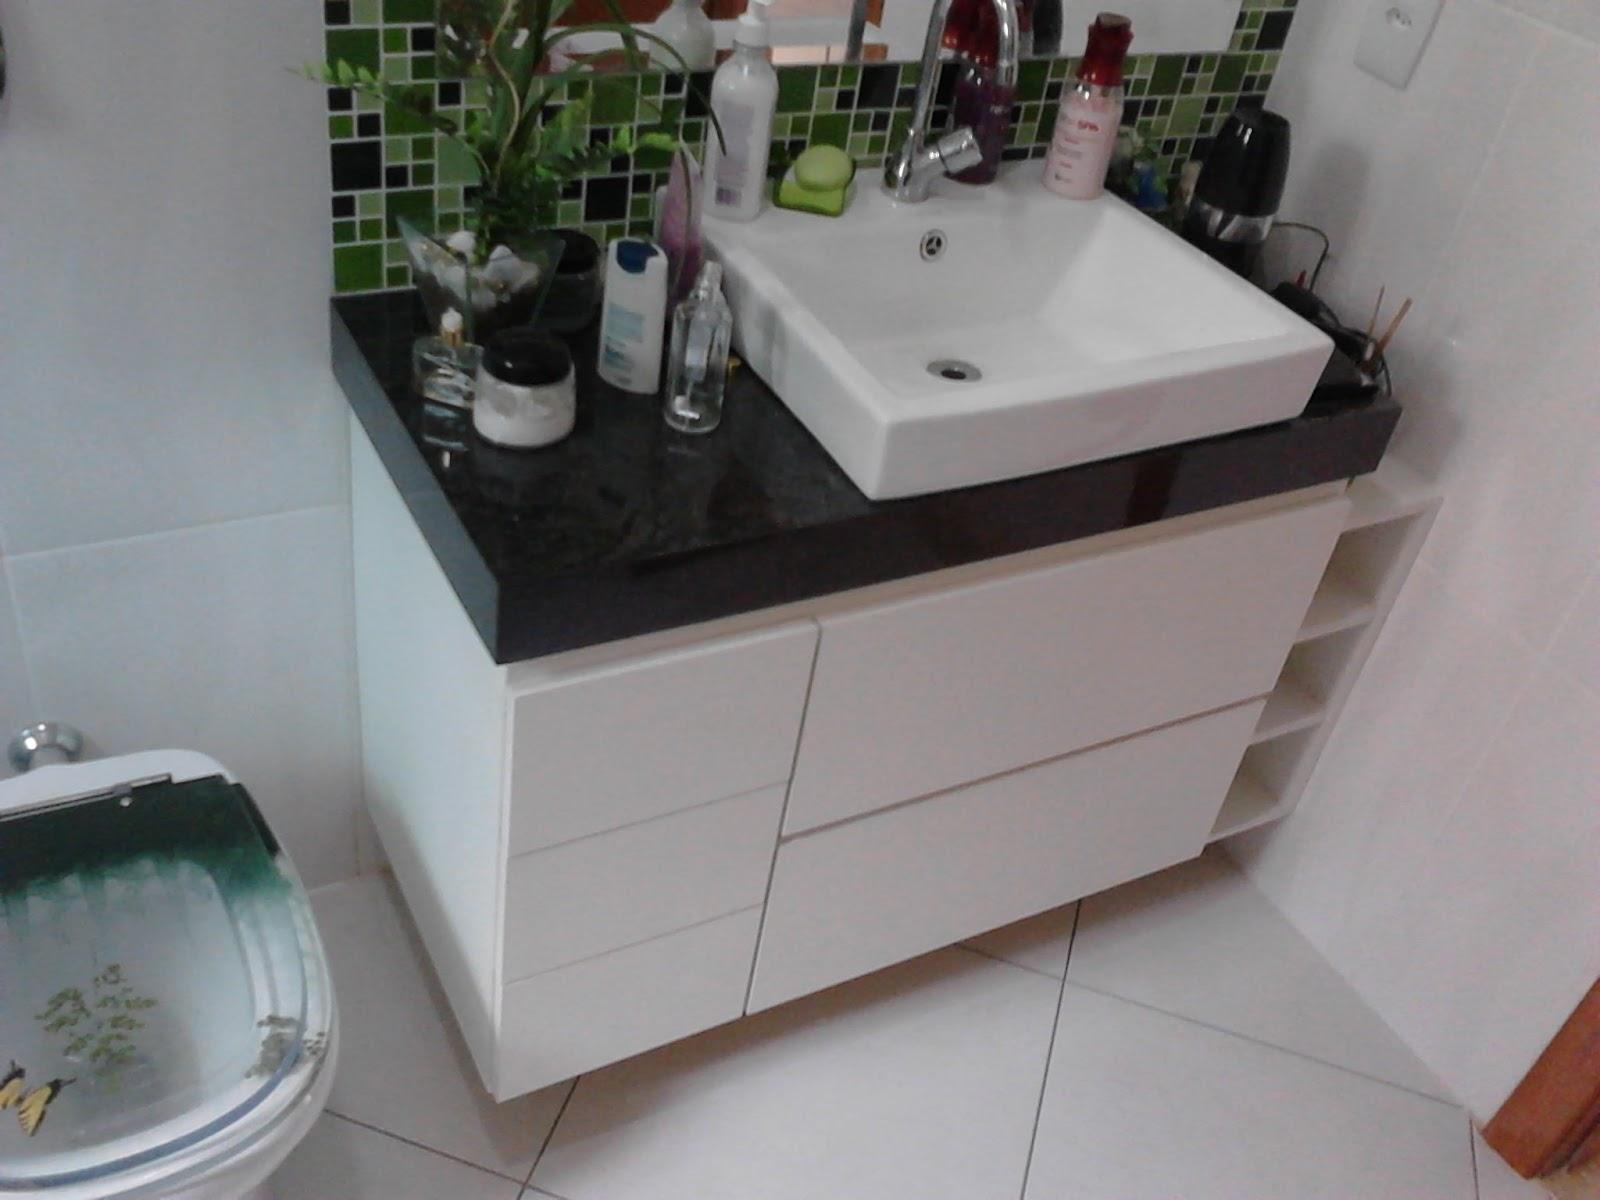 Imagens de #65463B Monforte Marcenaria: Banheiros Planejados 1600x1200 px 3720 Banheiros Planejados Rj